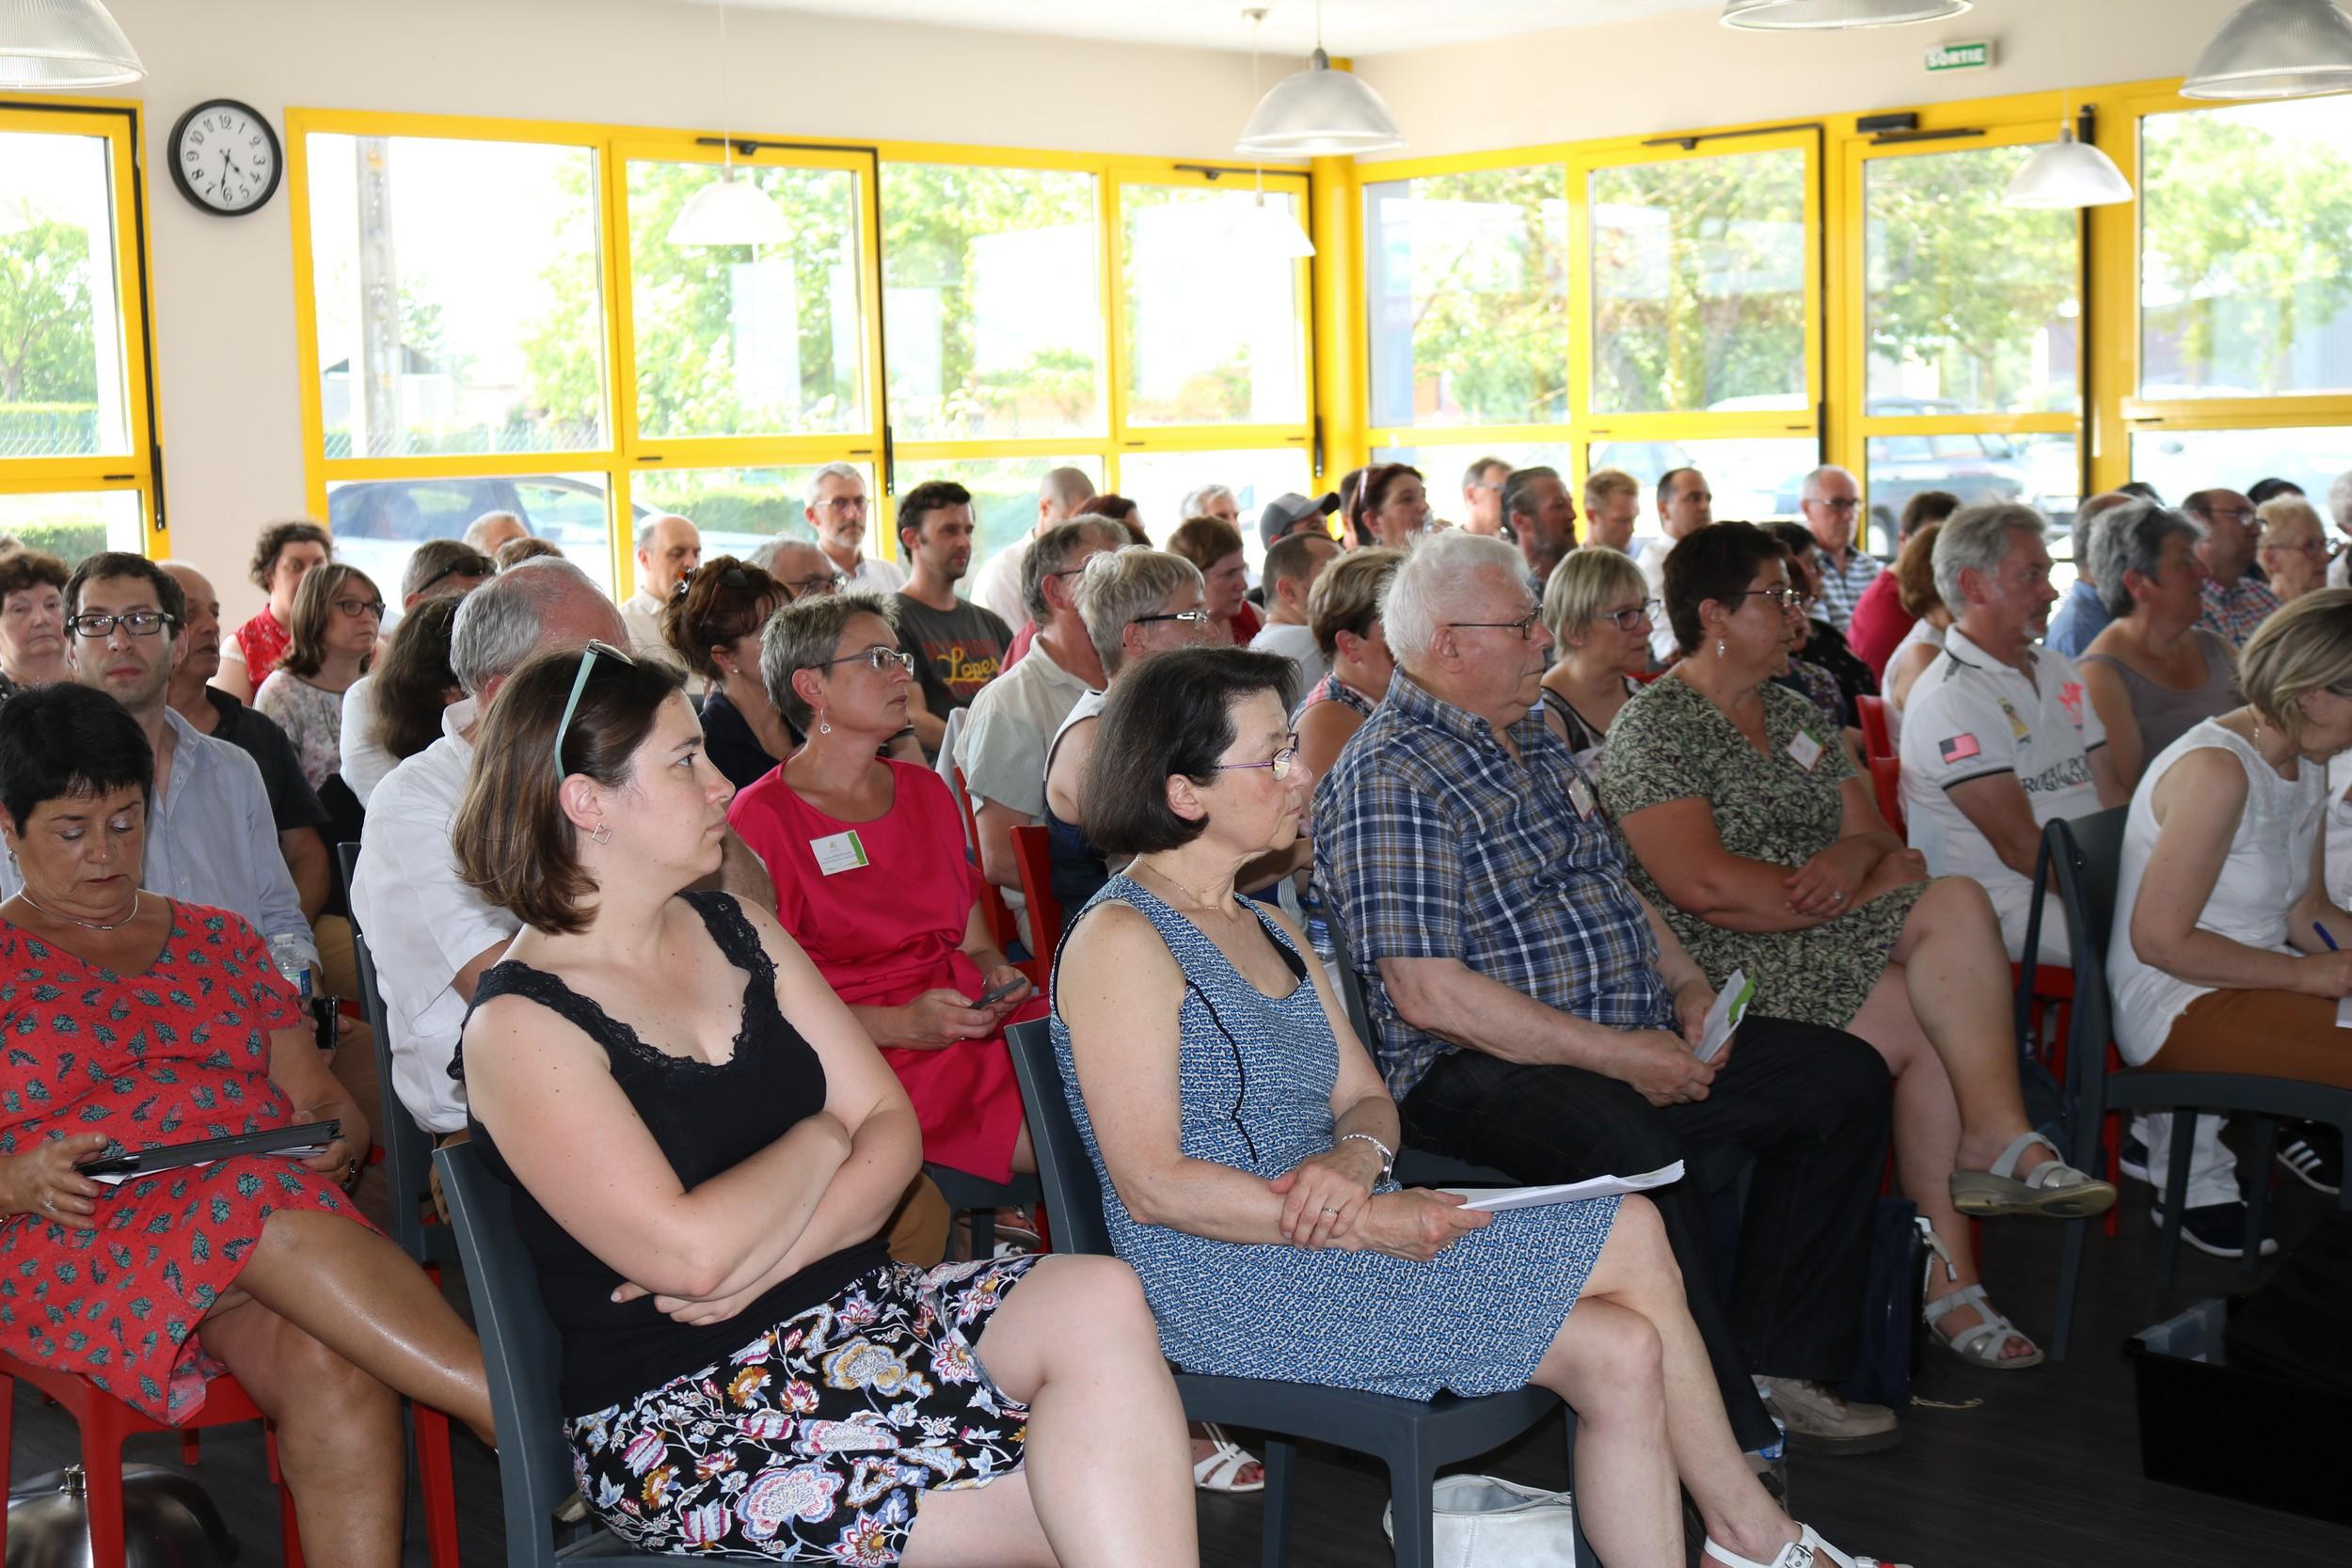 Le 28 juin 2019, à Alençon, l'Adapei de l'Orne a tenu son assemblée générale